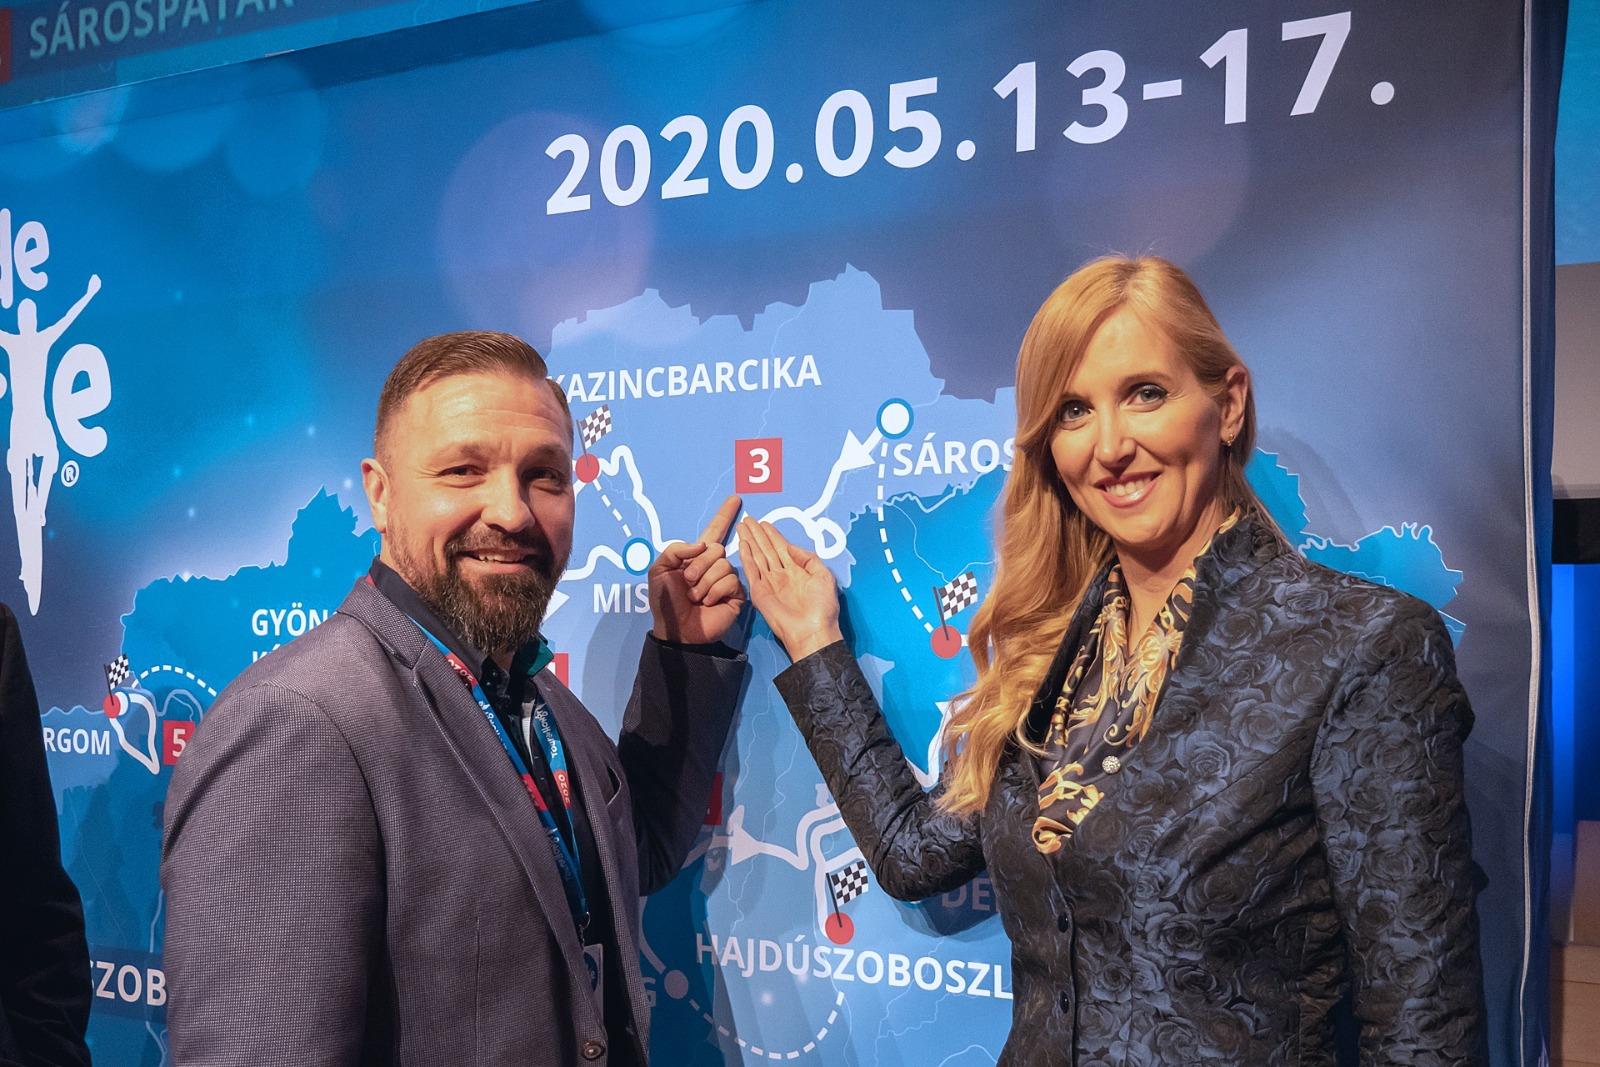 https://kolorline.hu/Tour De Hongrie – A 3. szakasz célja Kazincbarcika